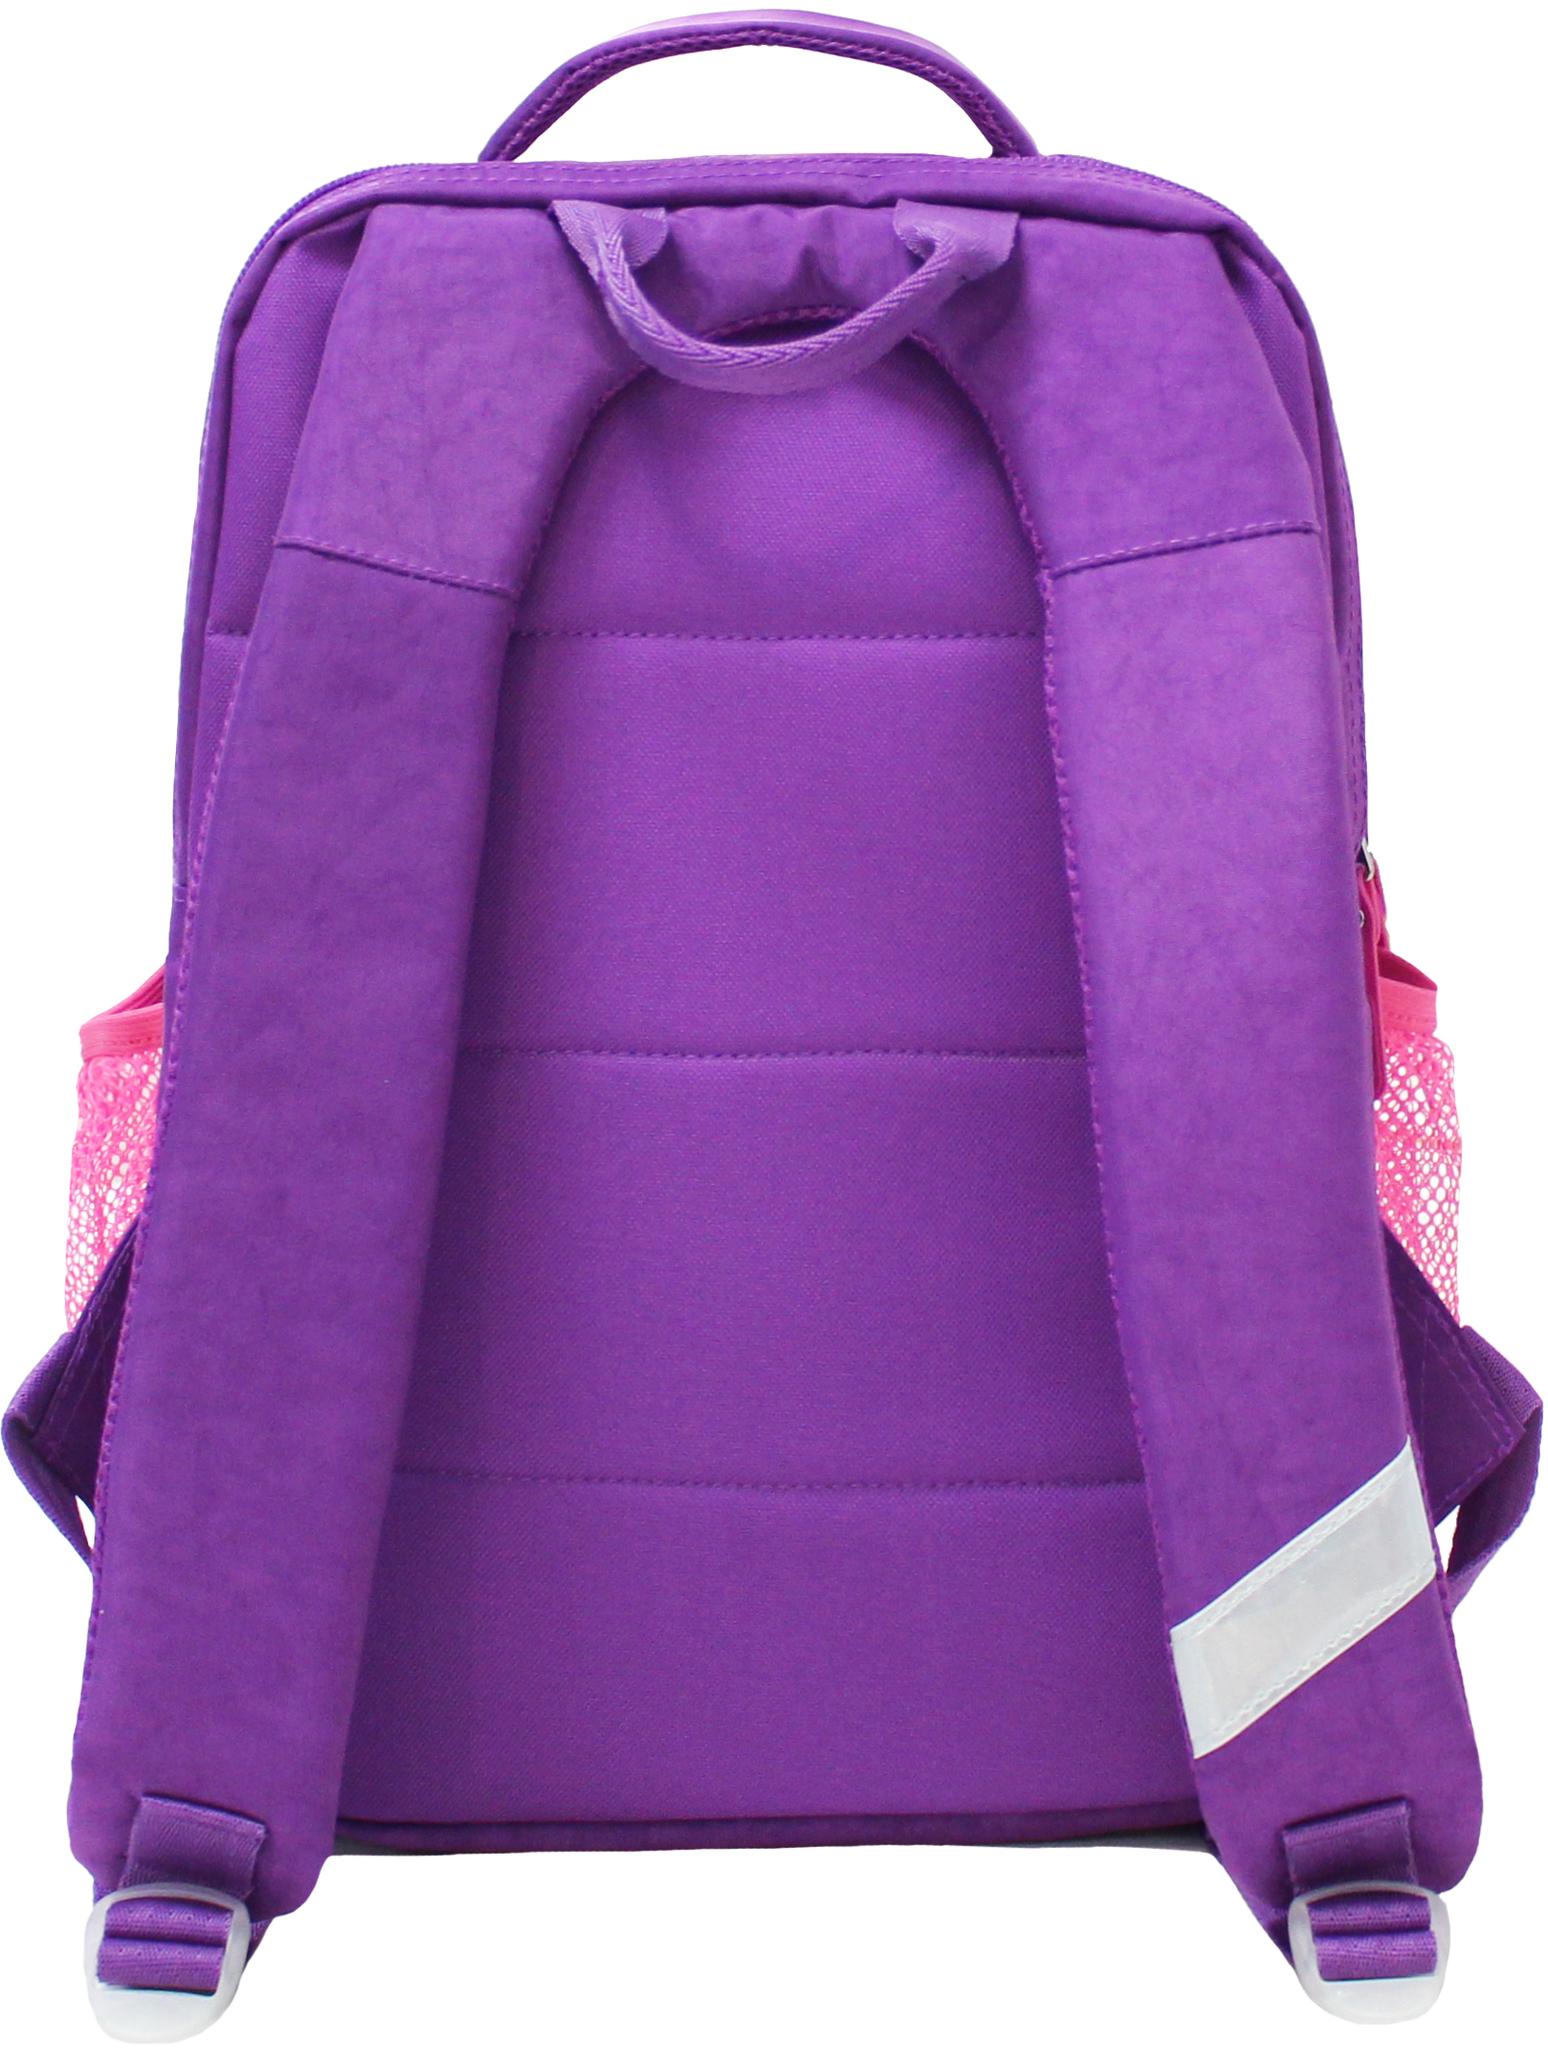 Рюкзак школьный Bagland Школьник 8 л. 339 фiолетовий 58 д (00112702)